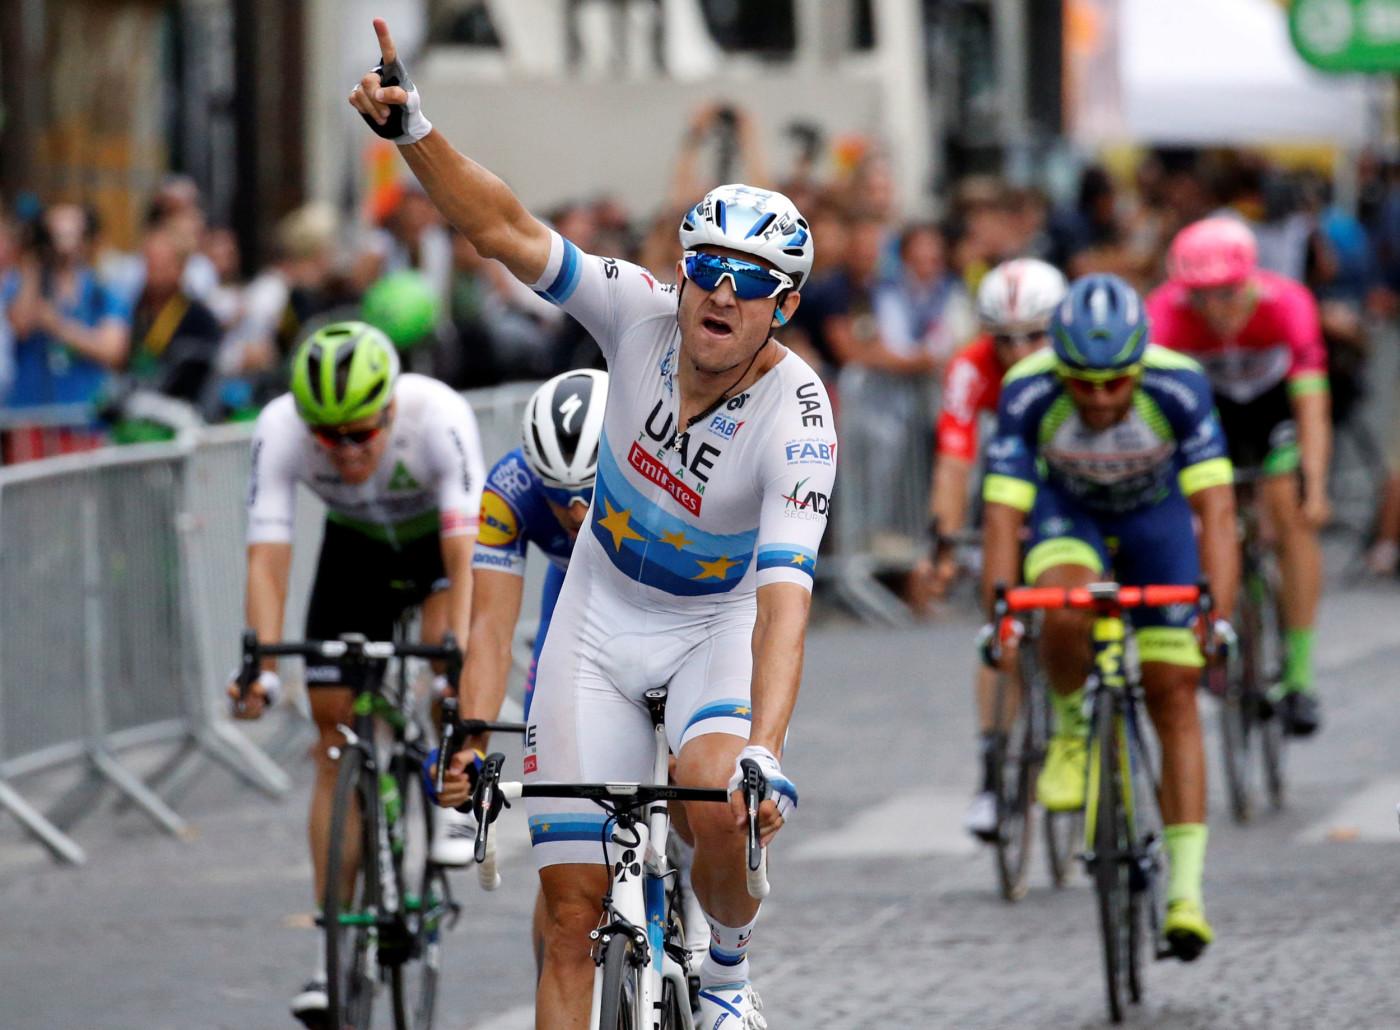 SLO TIL PÅ SISTE SJANSE: Alexander Kristoff tok seieren på den siste etappen i Tour de France. Foto: REUTERS/Stephane Mahe